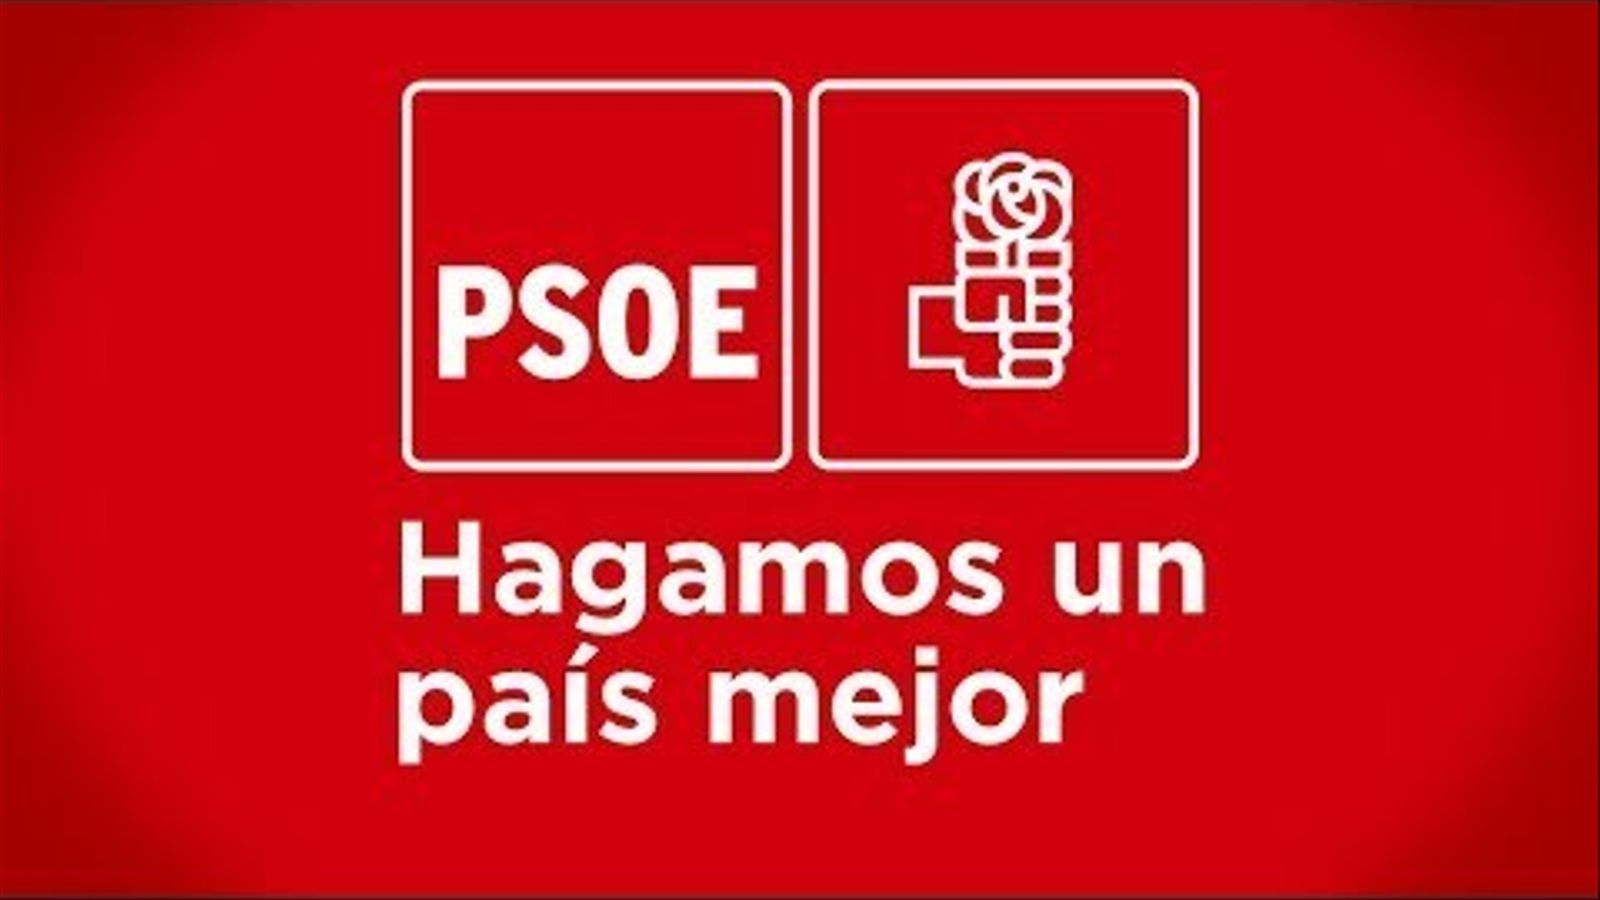 EN DIRECTE: Declaració institucional de Pedro Sánchez